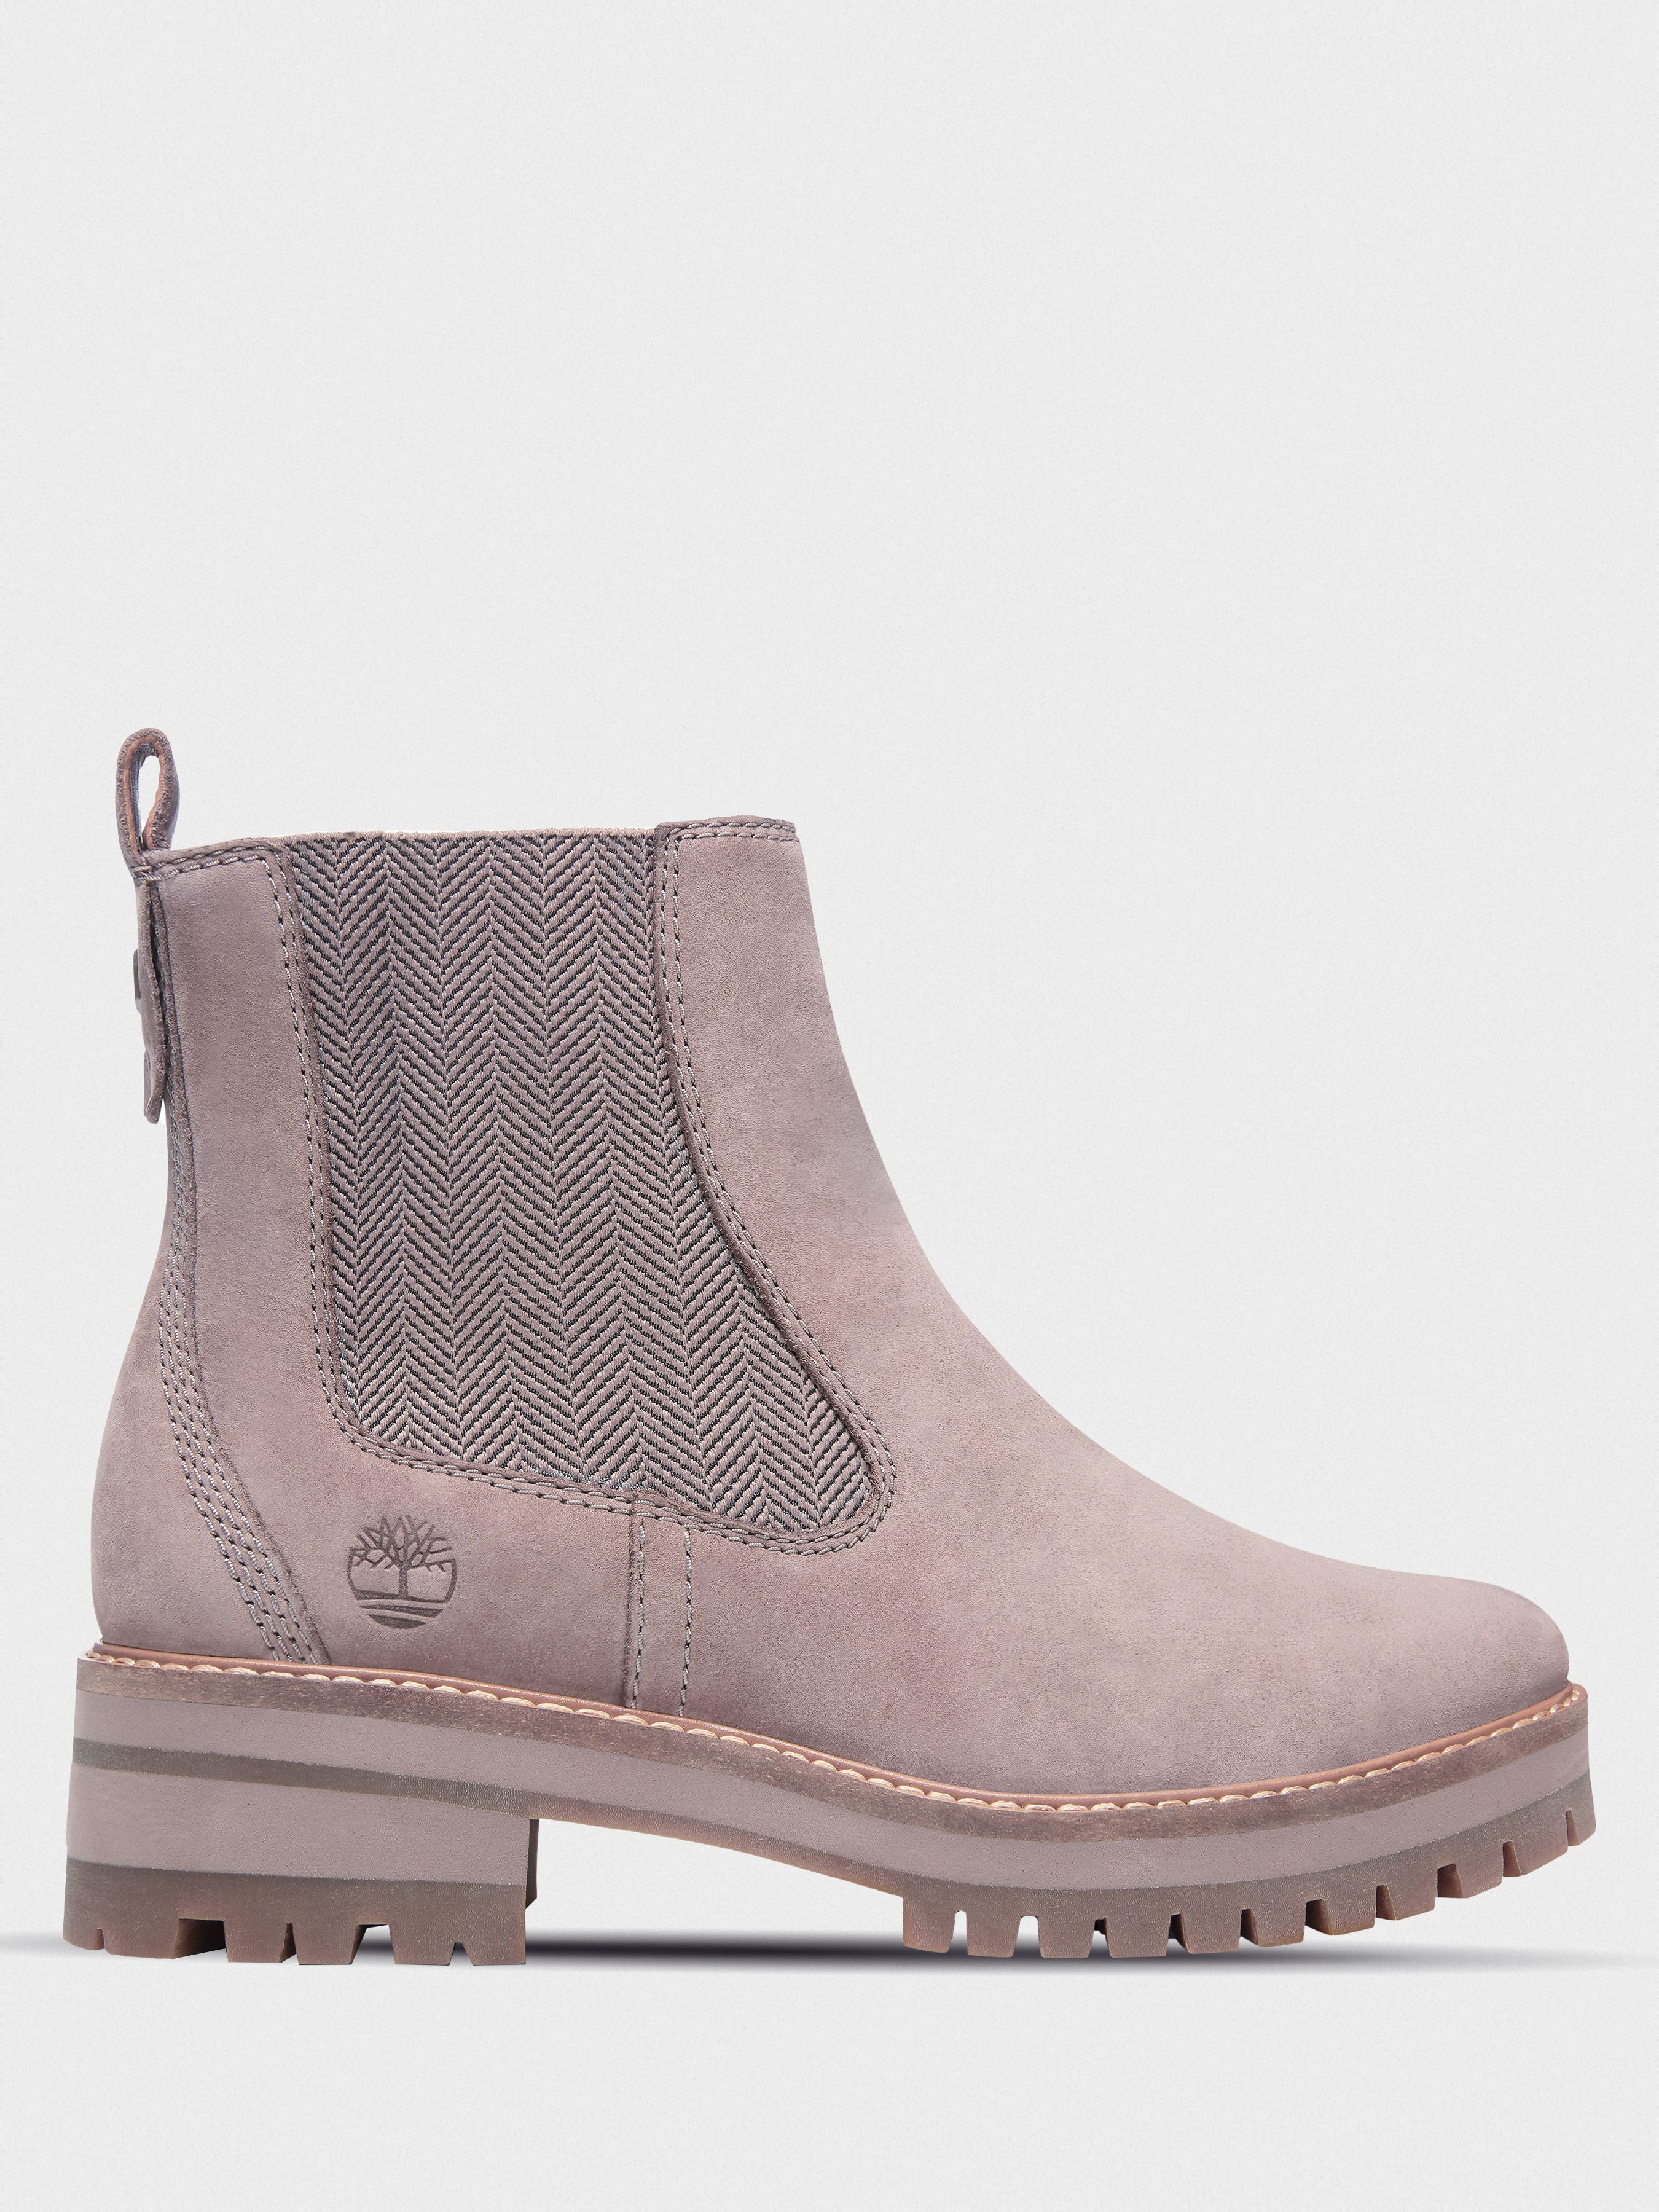 Ботинки для женщин Timberland Courmayeur Valley TG2148 брендовая обувь, 2017